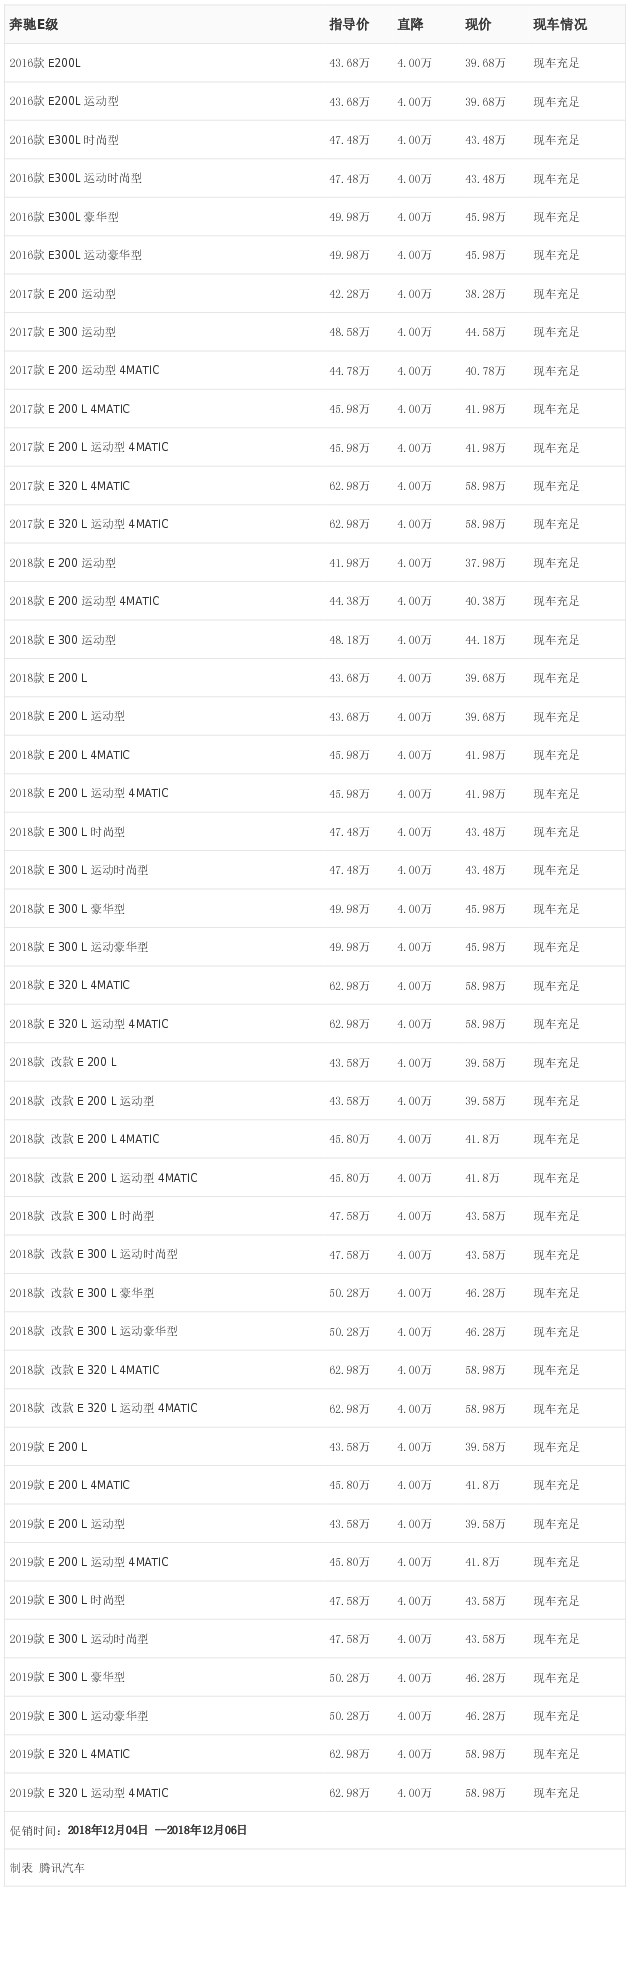 [腾讯行情]广州 奔驰E级最高优惠4.00万元